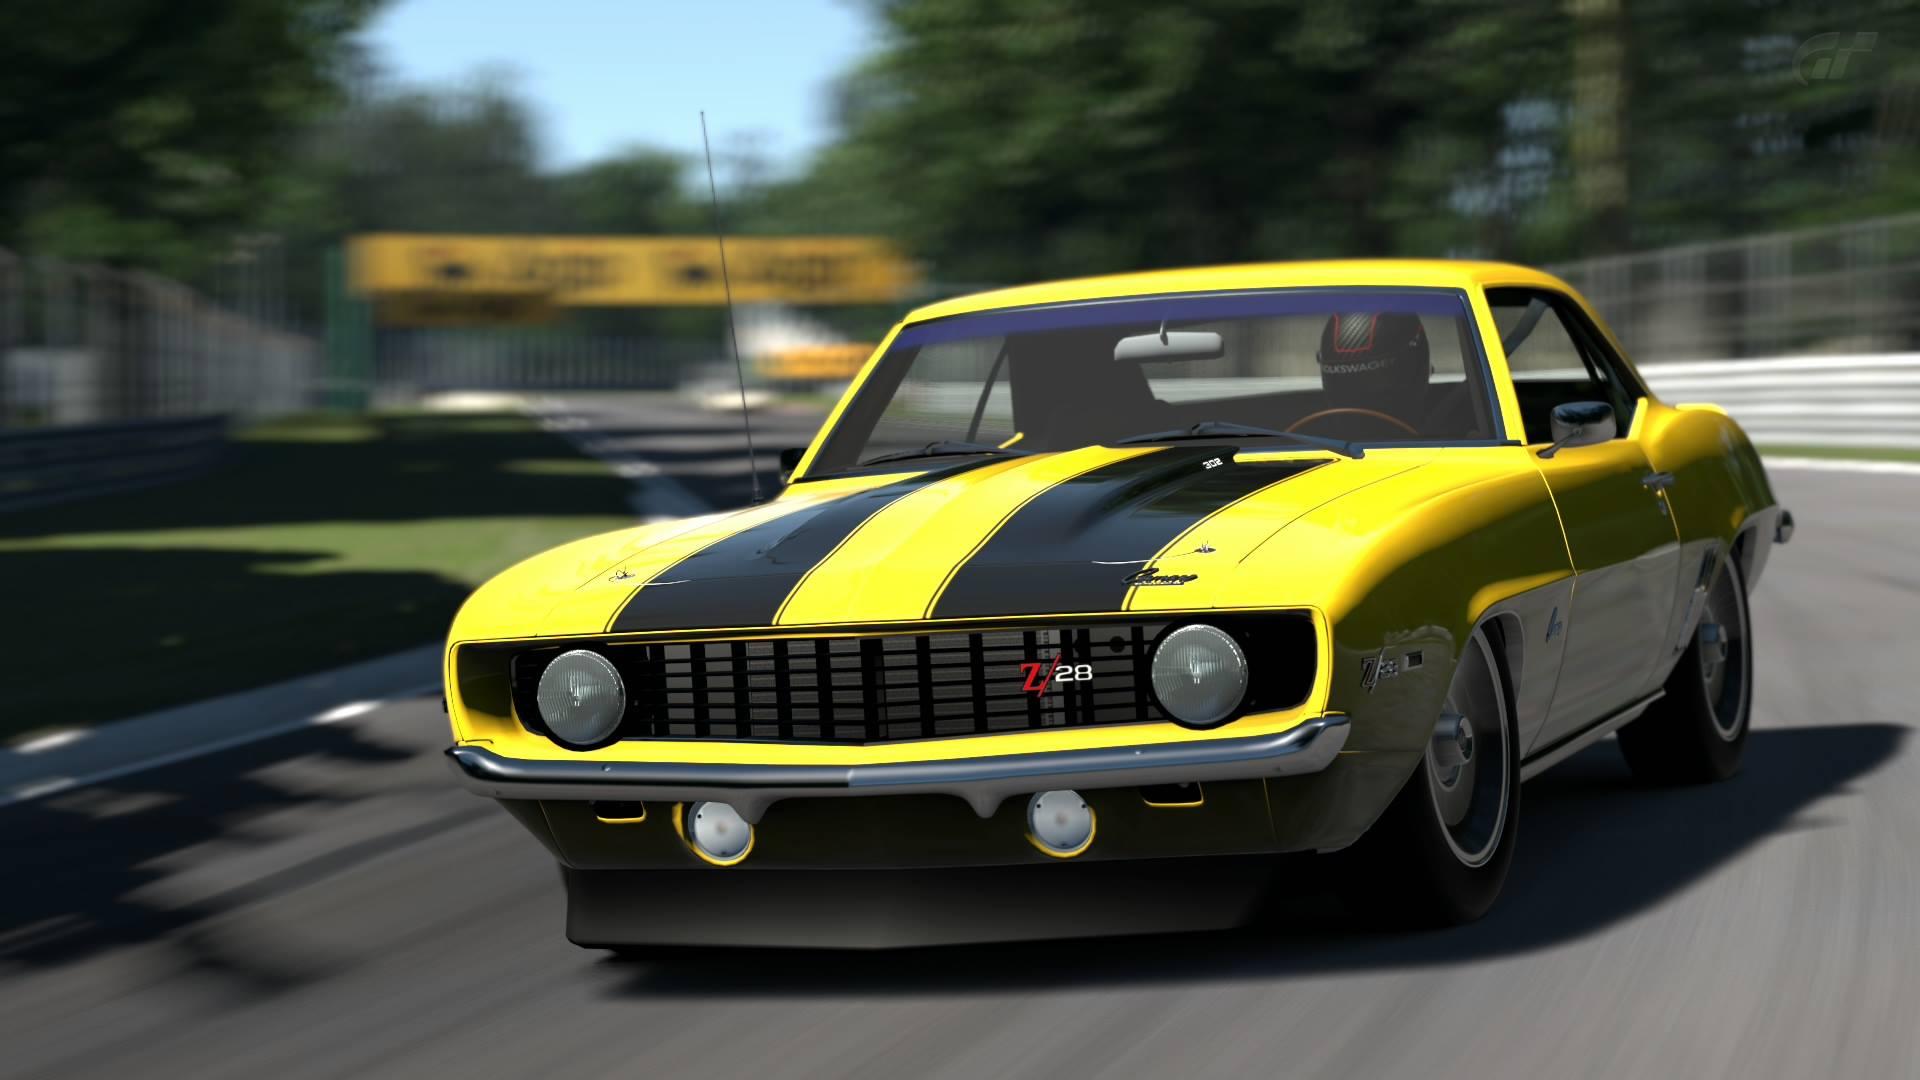 GT6MCR Autodromo Nazionale de Monza 80 1 bat 02082014 1.jpg